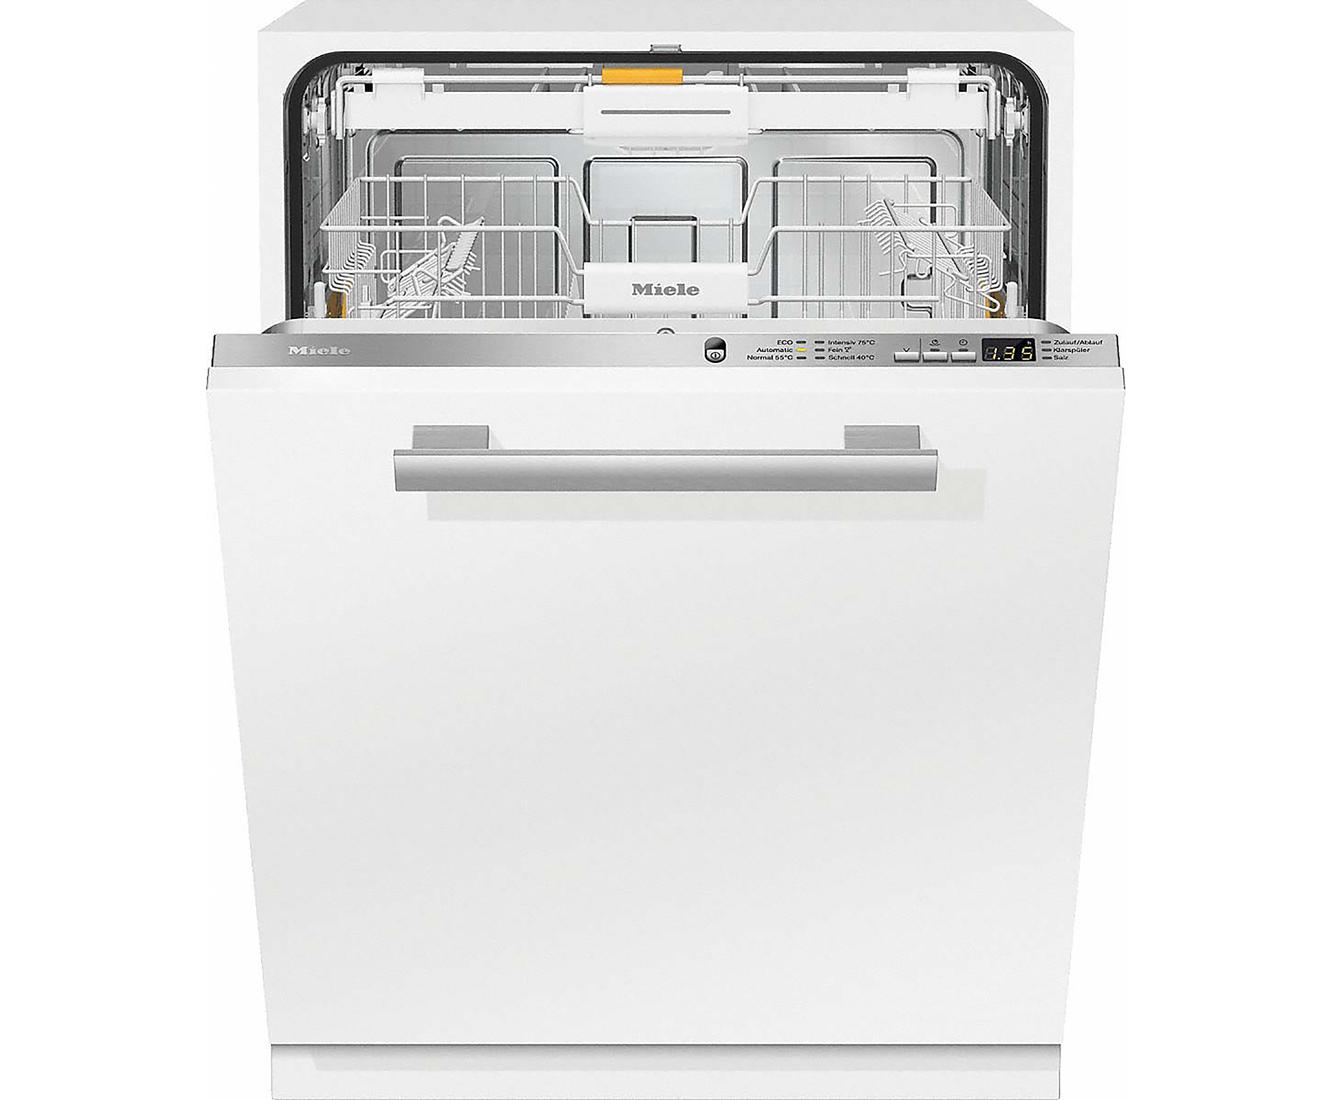 Miele G 6265 SCVI XXL Geschirrspüler 60 cm - Edelstahl | Küche und Esszimmer > Küchenelektrogeräte > Gefrierschränke | Edelstahl | Miele